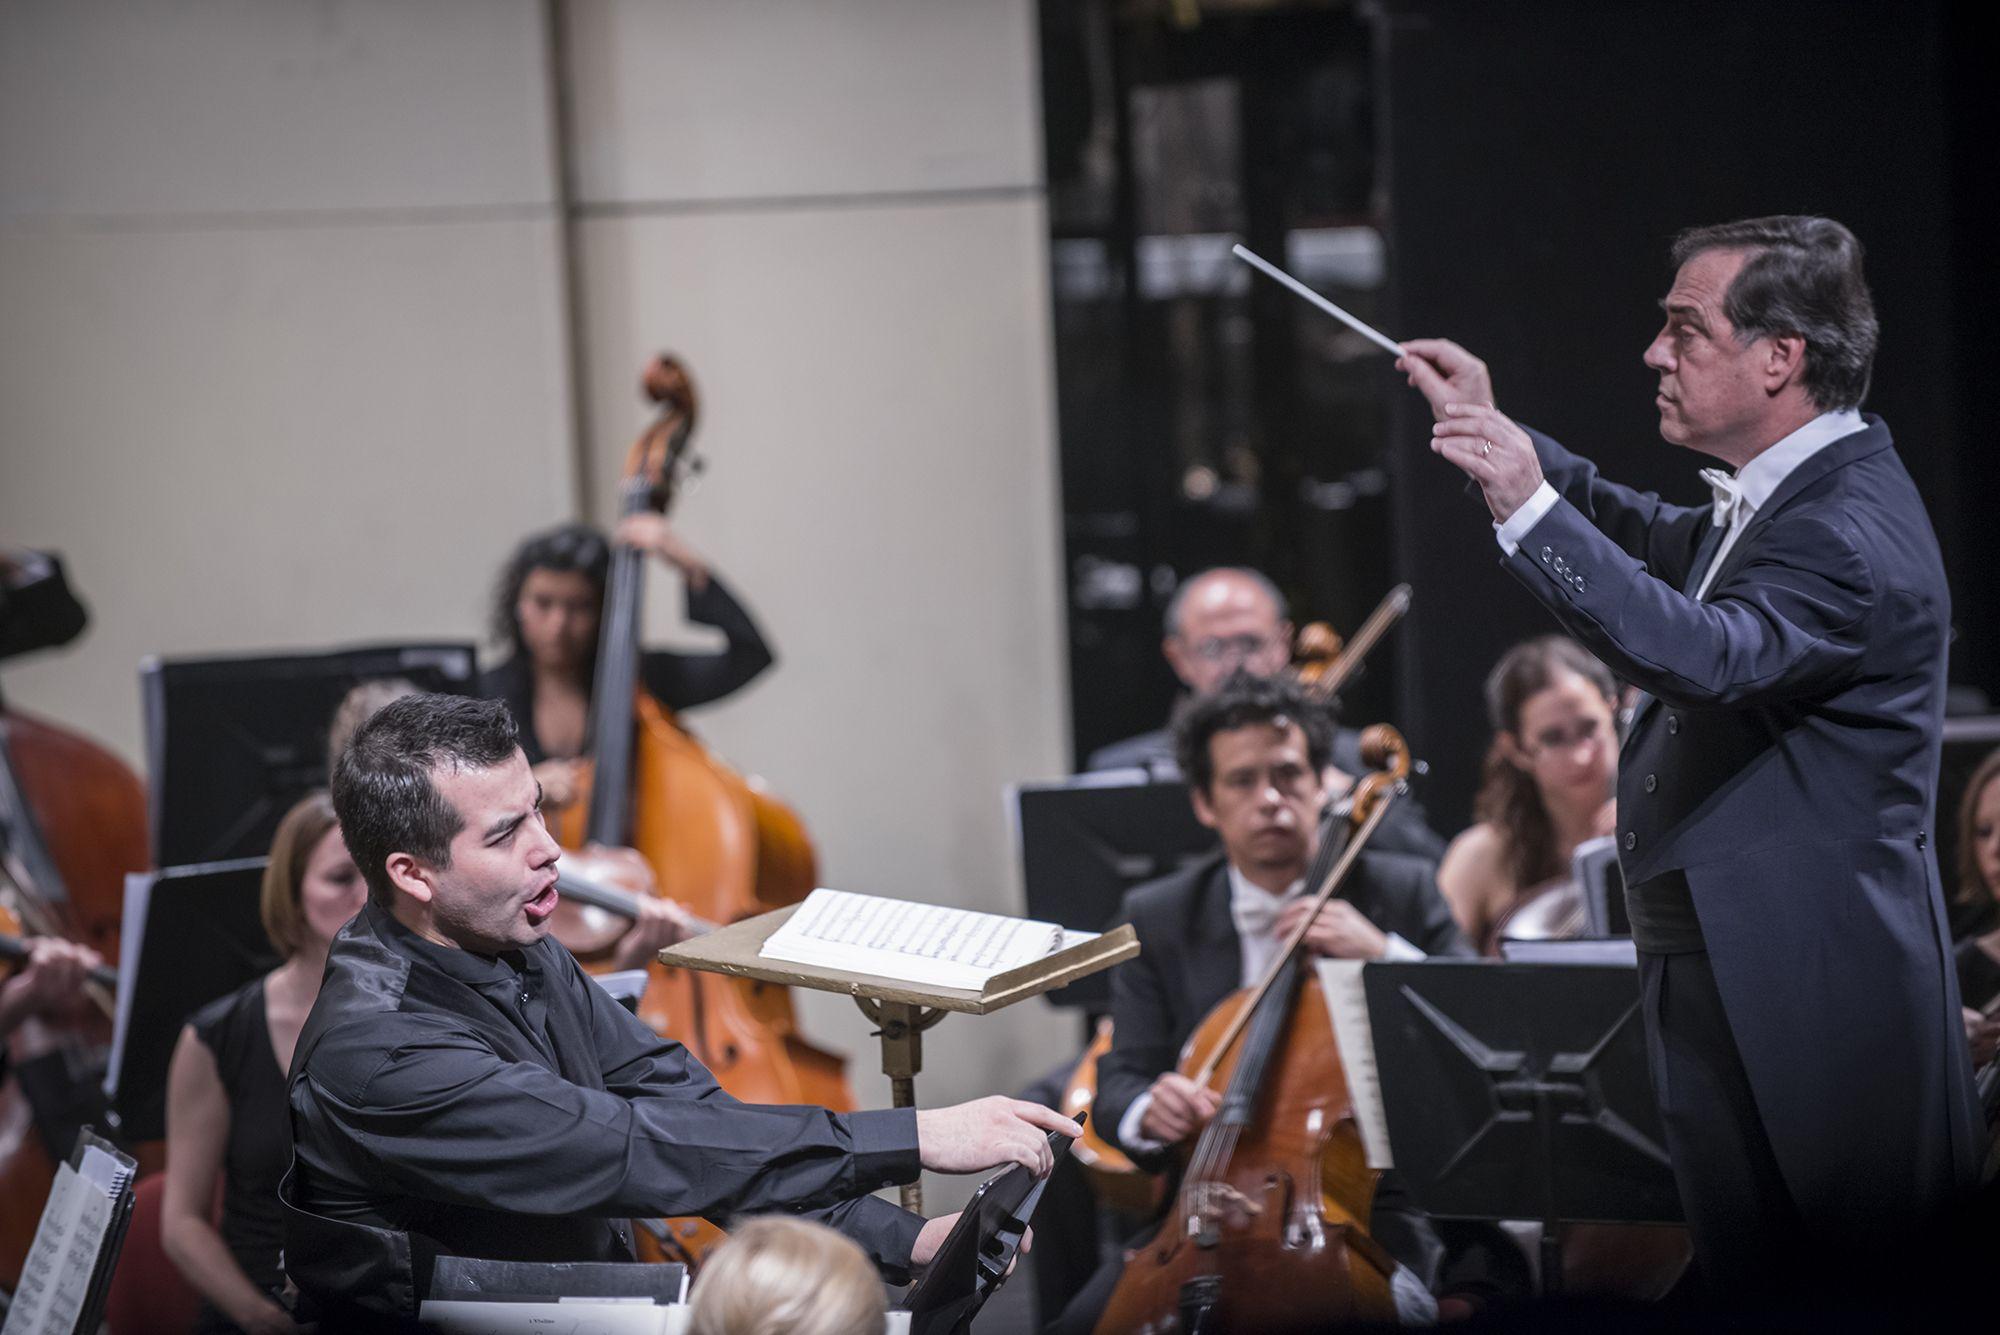 Concierto 4: Mahler. ORQUESTA FILARMÓNICA DE SANTIAGO Director musical: Maximiano Valdés Solista: Javier Arrey (barítono) Foto: Patricio Melo